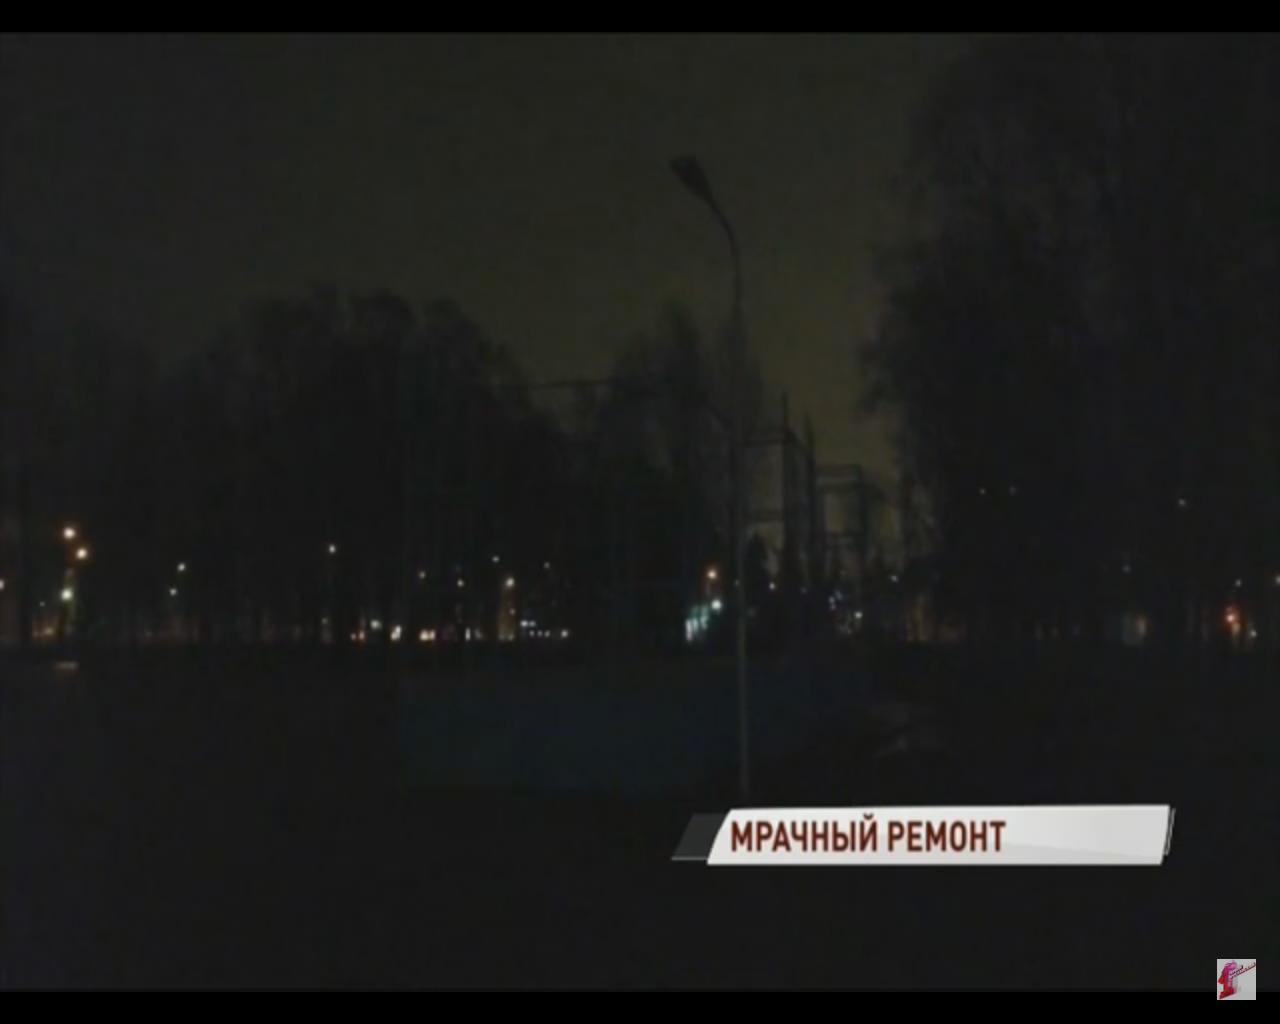 Мрачный парк: власти Ярославля рассказали причину отсутствия света в парке 30-летия Победы